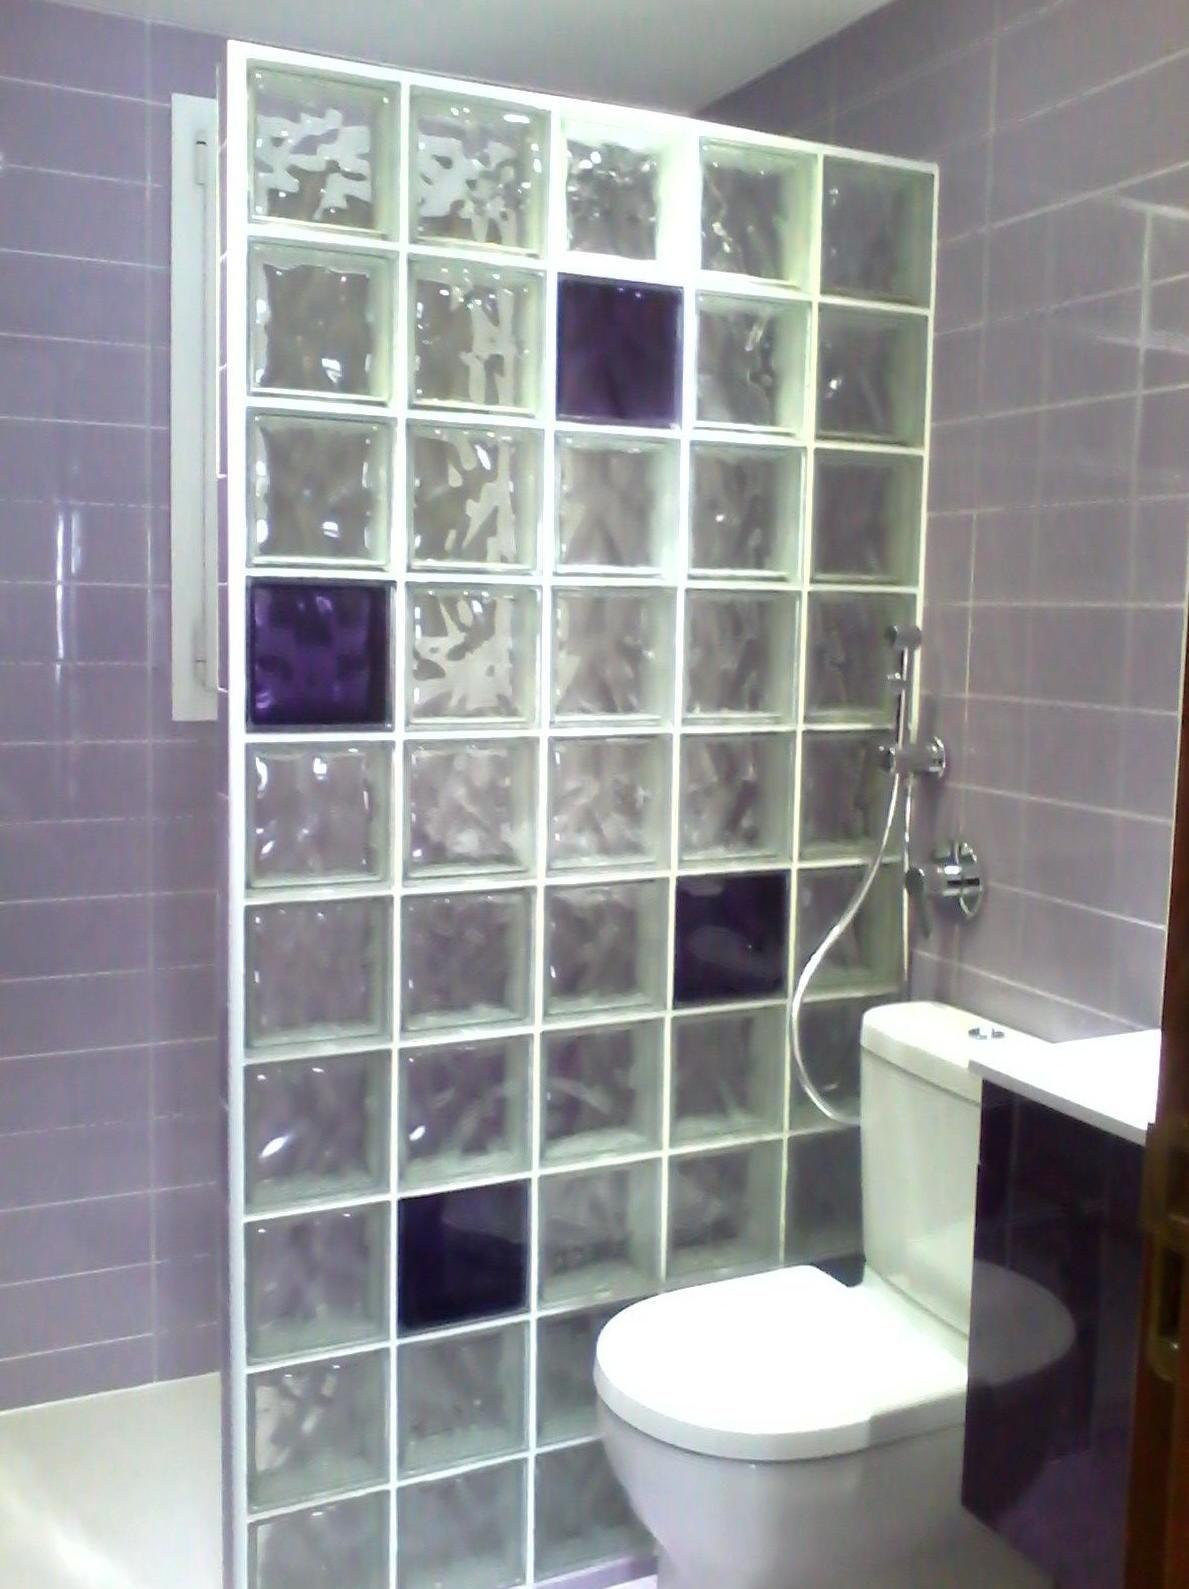 Paves ducha buscar con google ba os duchas ba os y cuarto de ba o - Cuartos de bano modernos con ducha ...